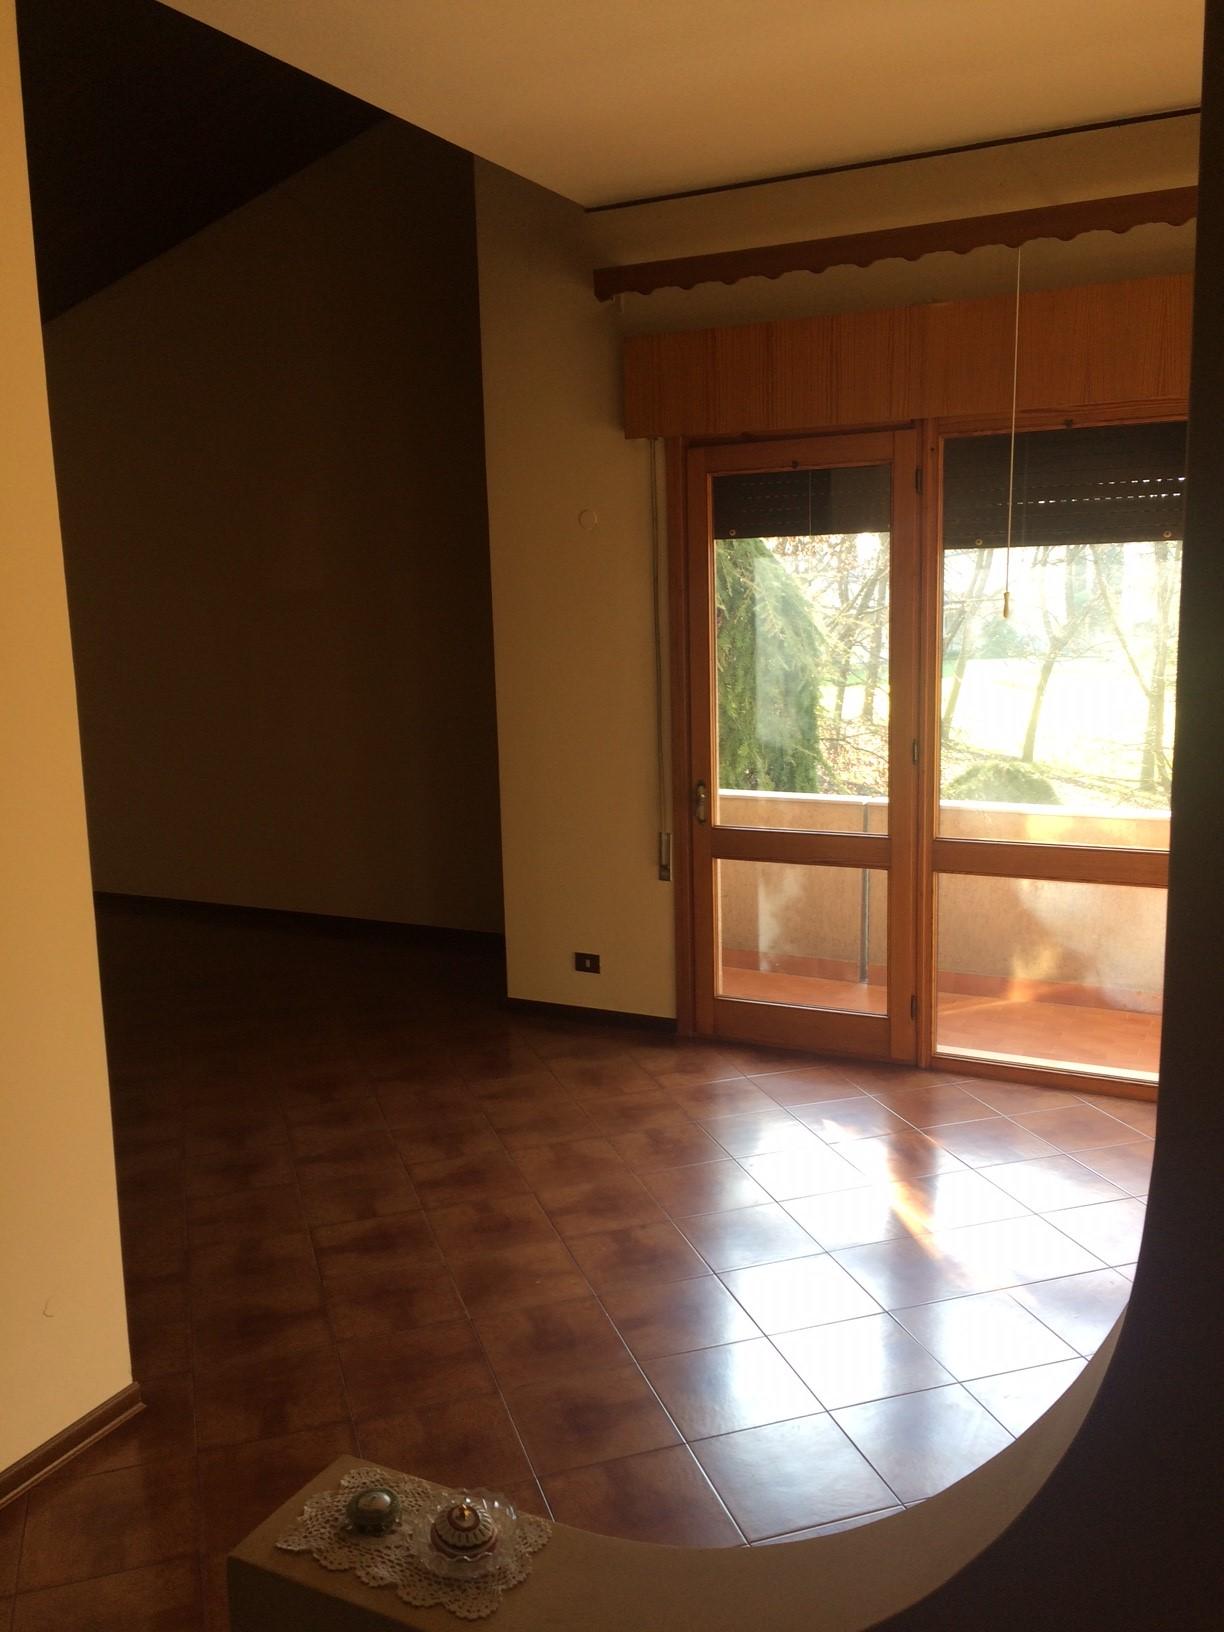 Villa in vendita a Carbonera, 9 locali, prezzo € 300.000 | CambioCasa.it